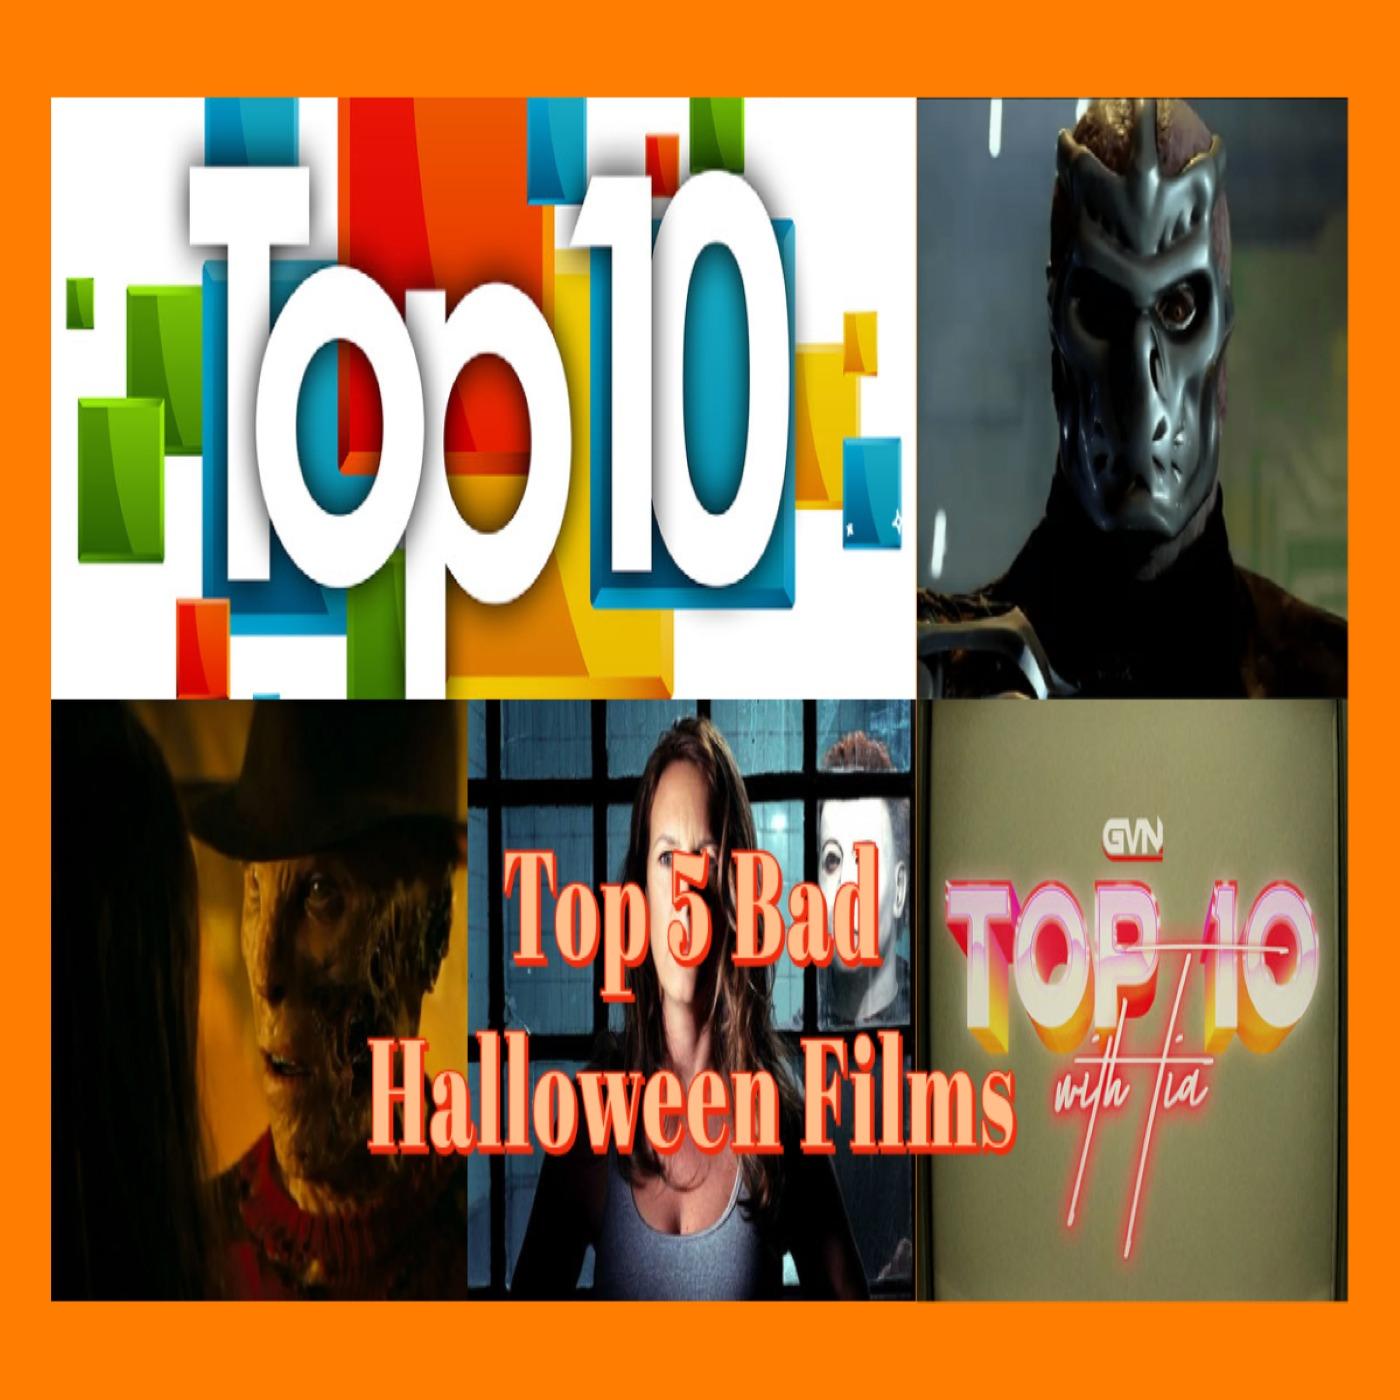 Top 5 Bad Halloween Films